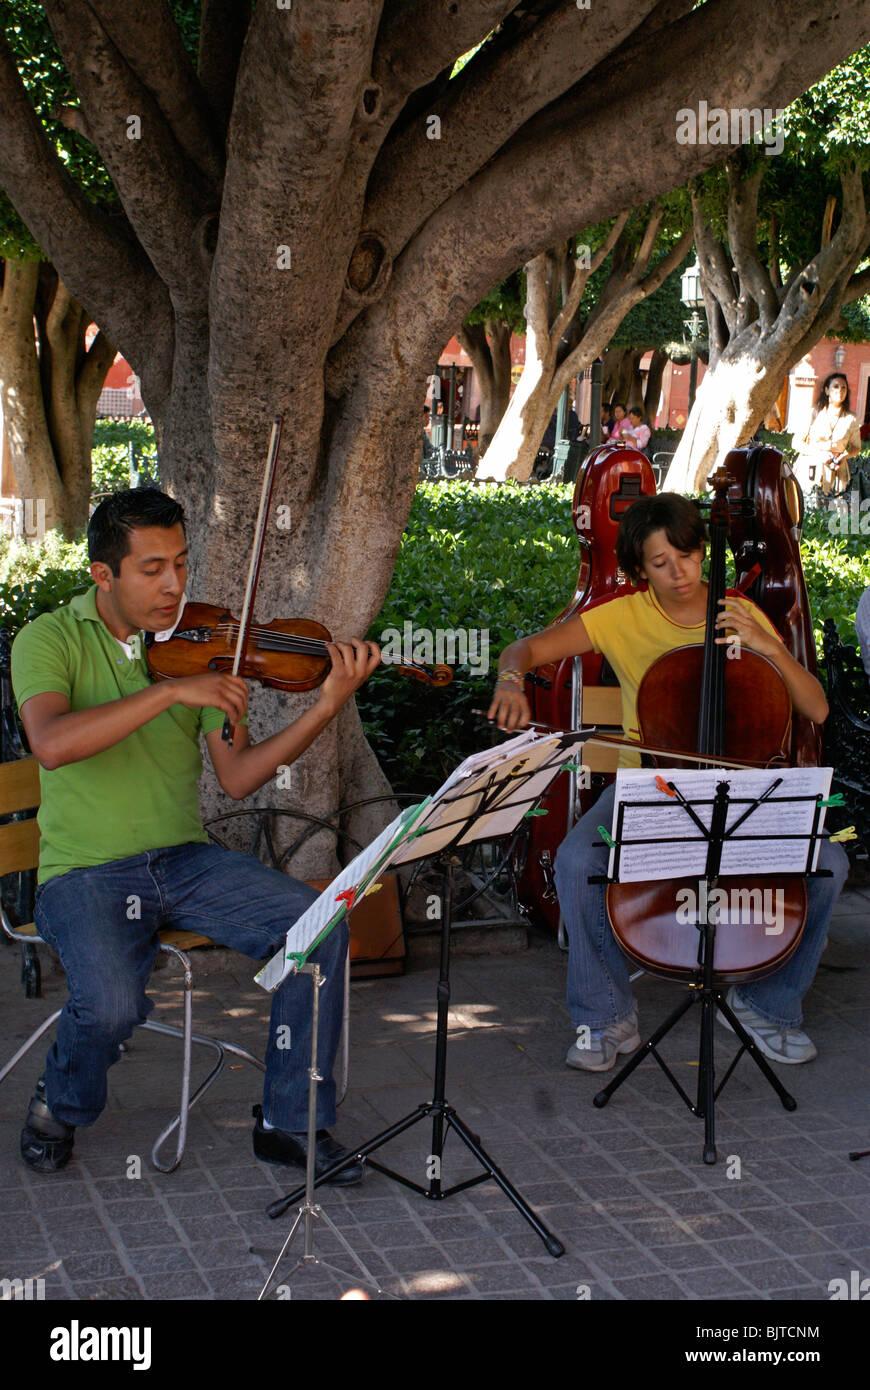 Music students performing in El Jardin in San Miguel de Allende, Guanajuato, Mexico - Stock Image